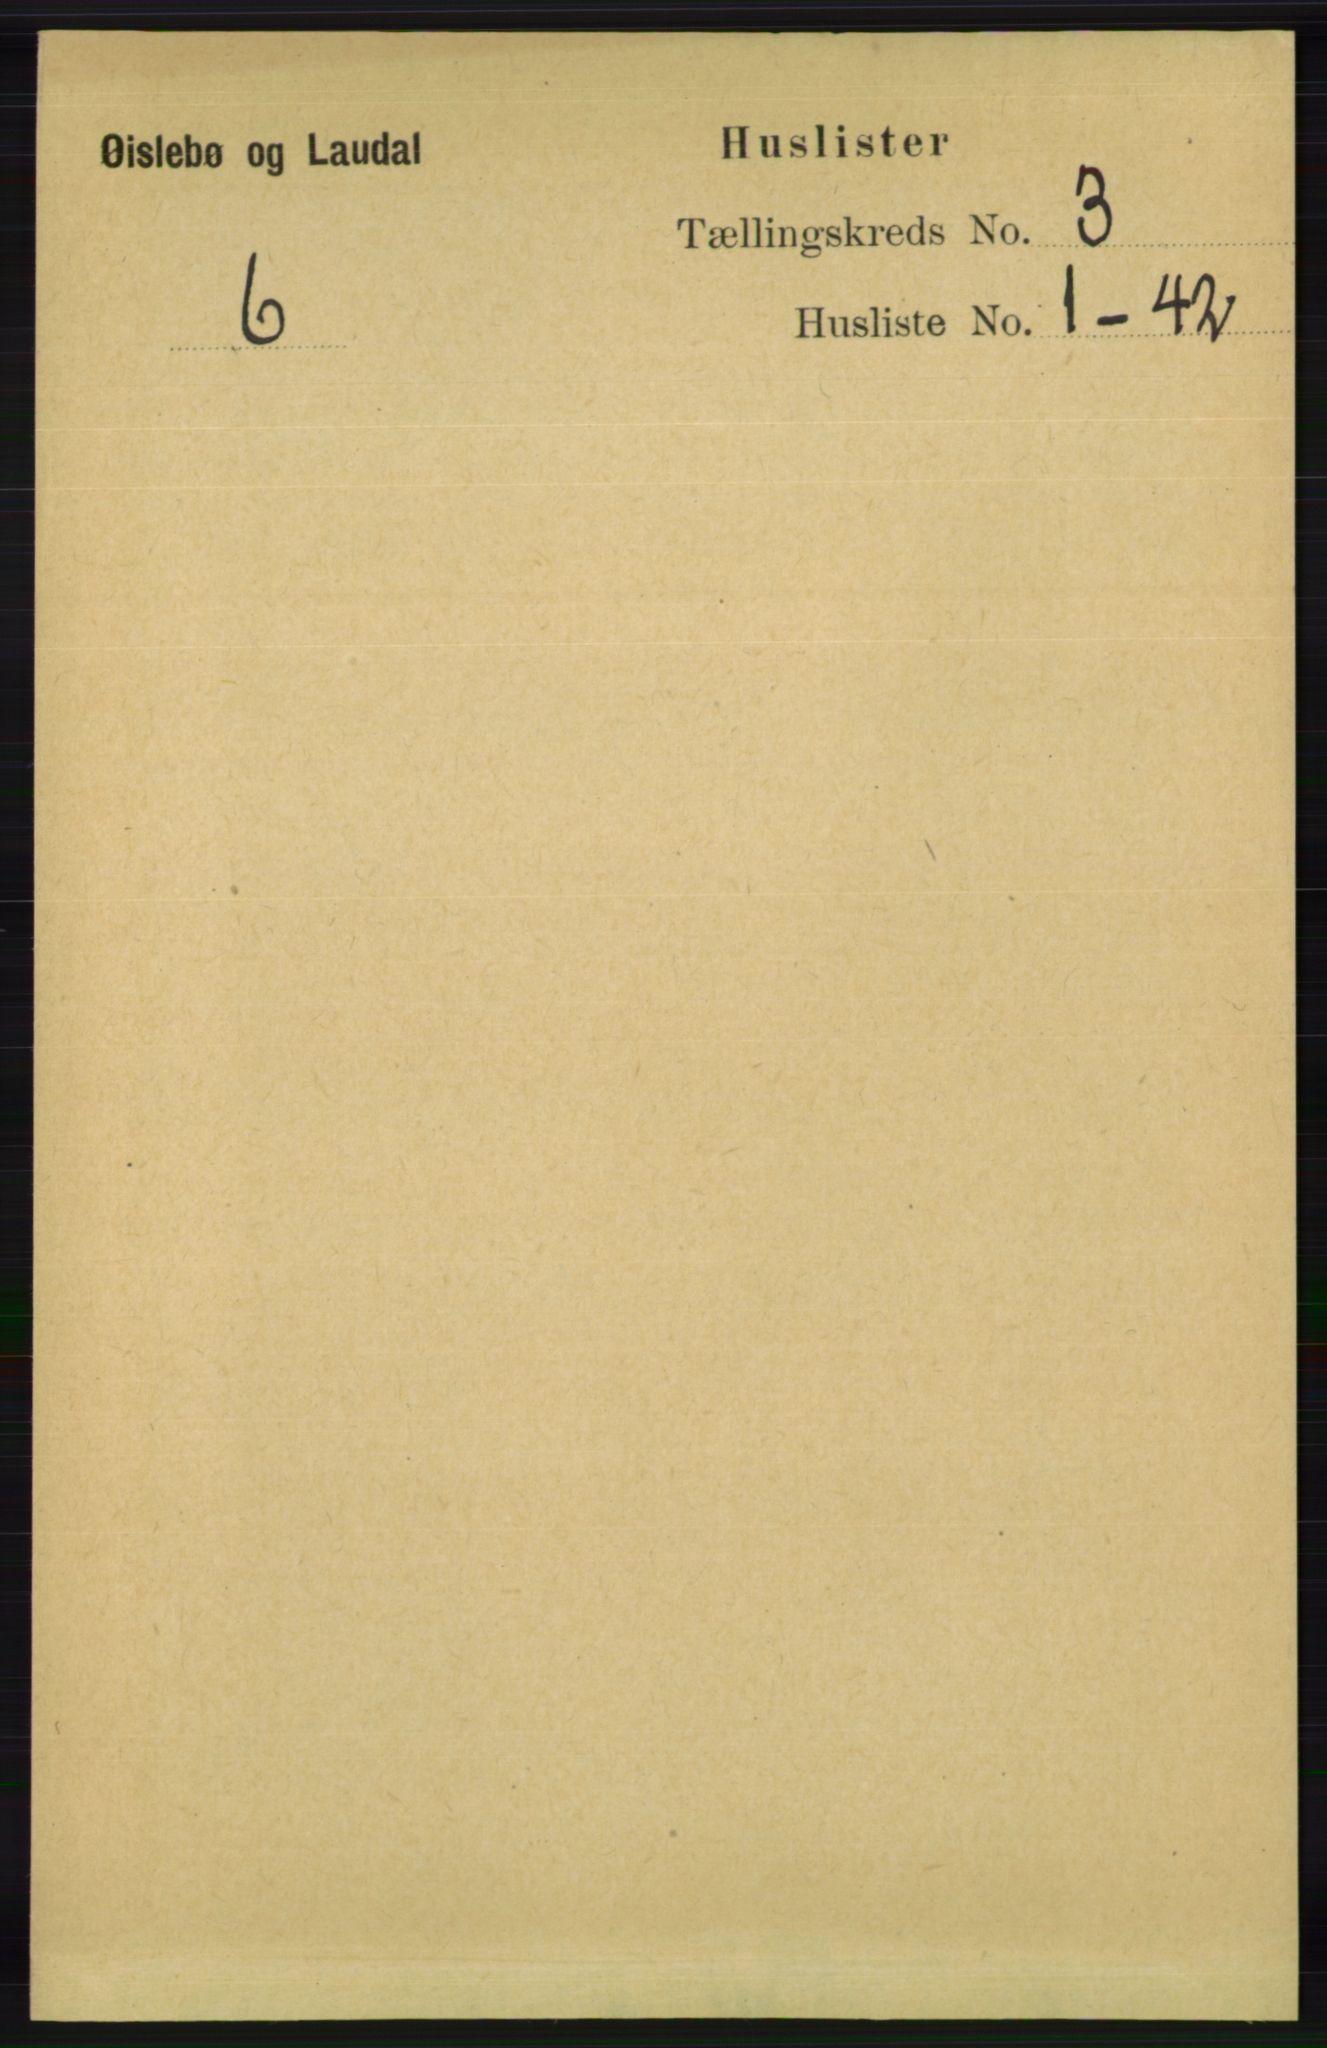 RA, Folketelling 1891 for 1021 Øyslebø og Laudal herred, 1891, s. 697